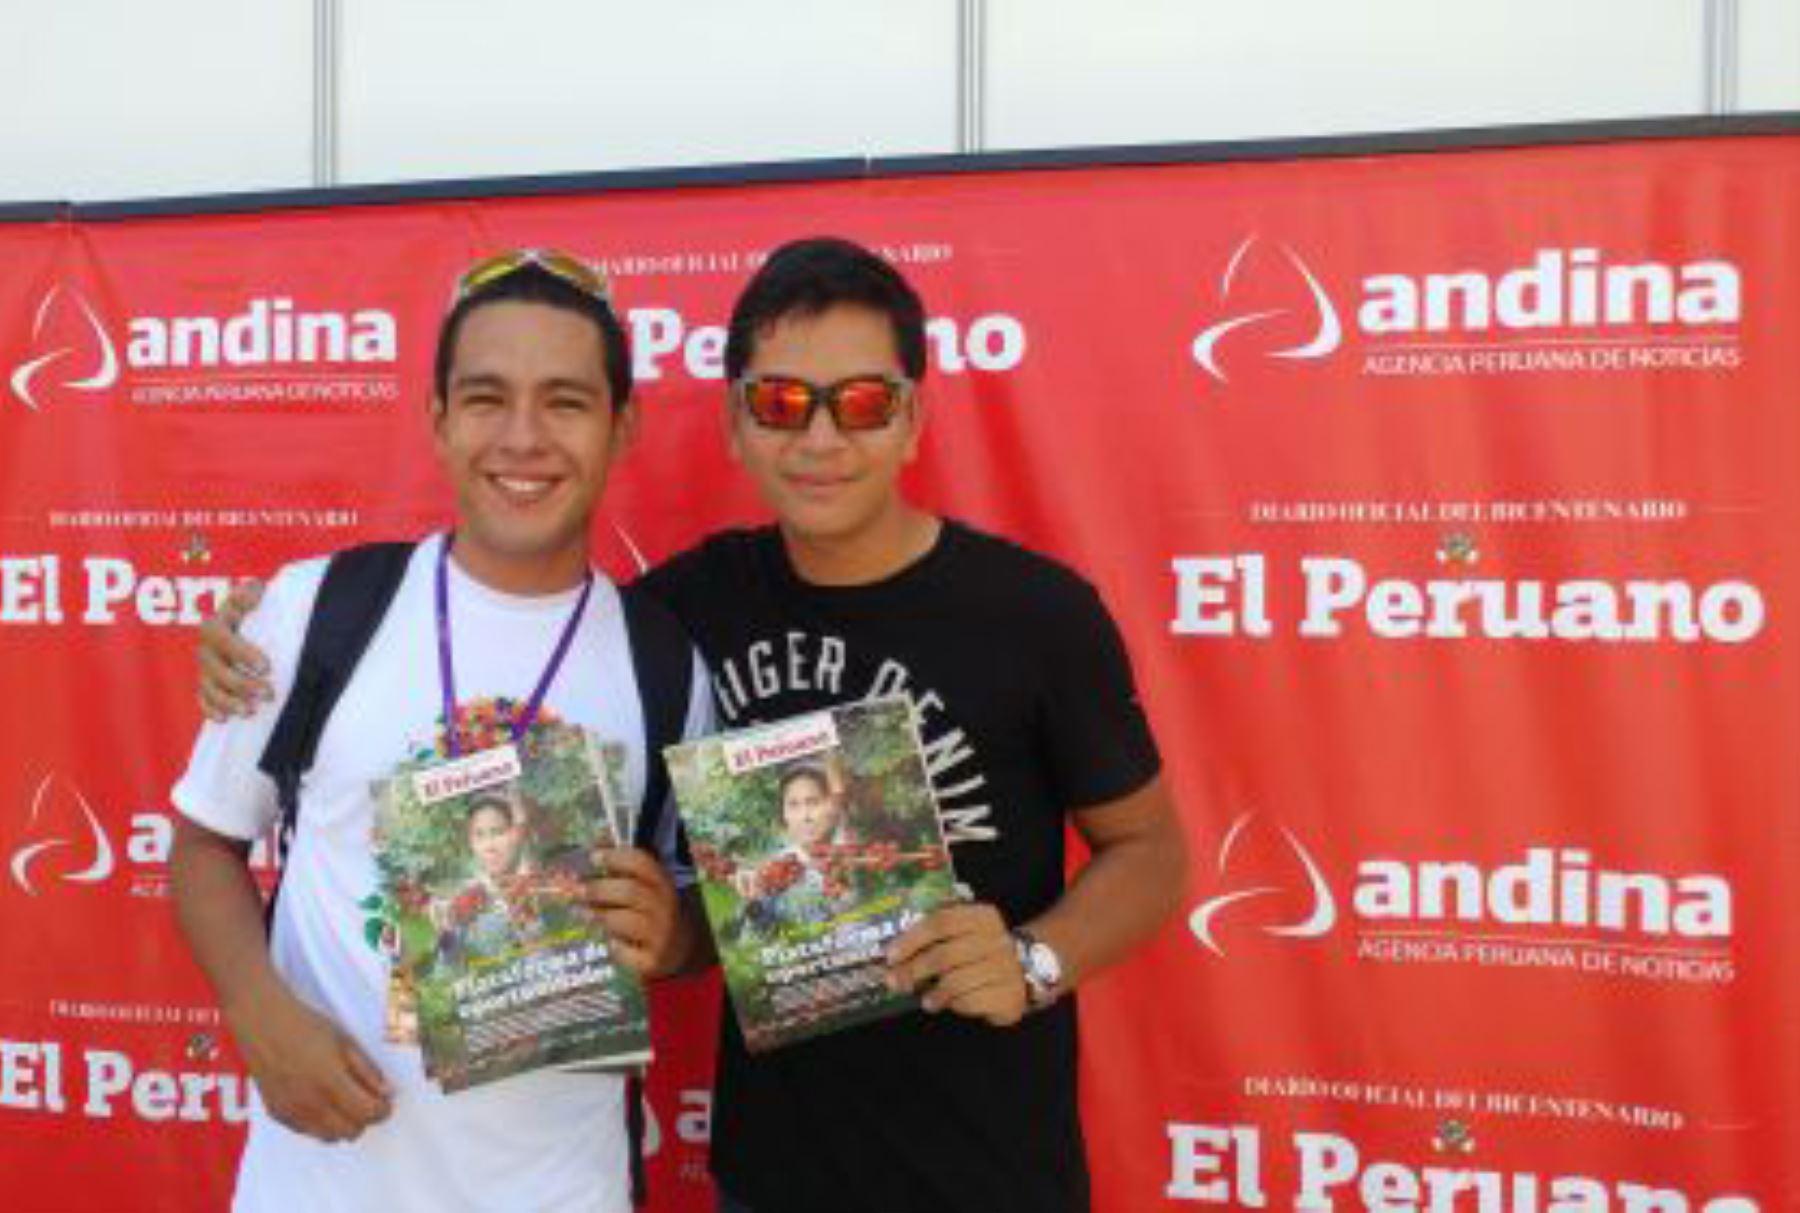 ExpoAmazónica 2017: Revista de El Peruano tuvo gran acogida del público